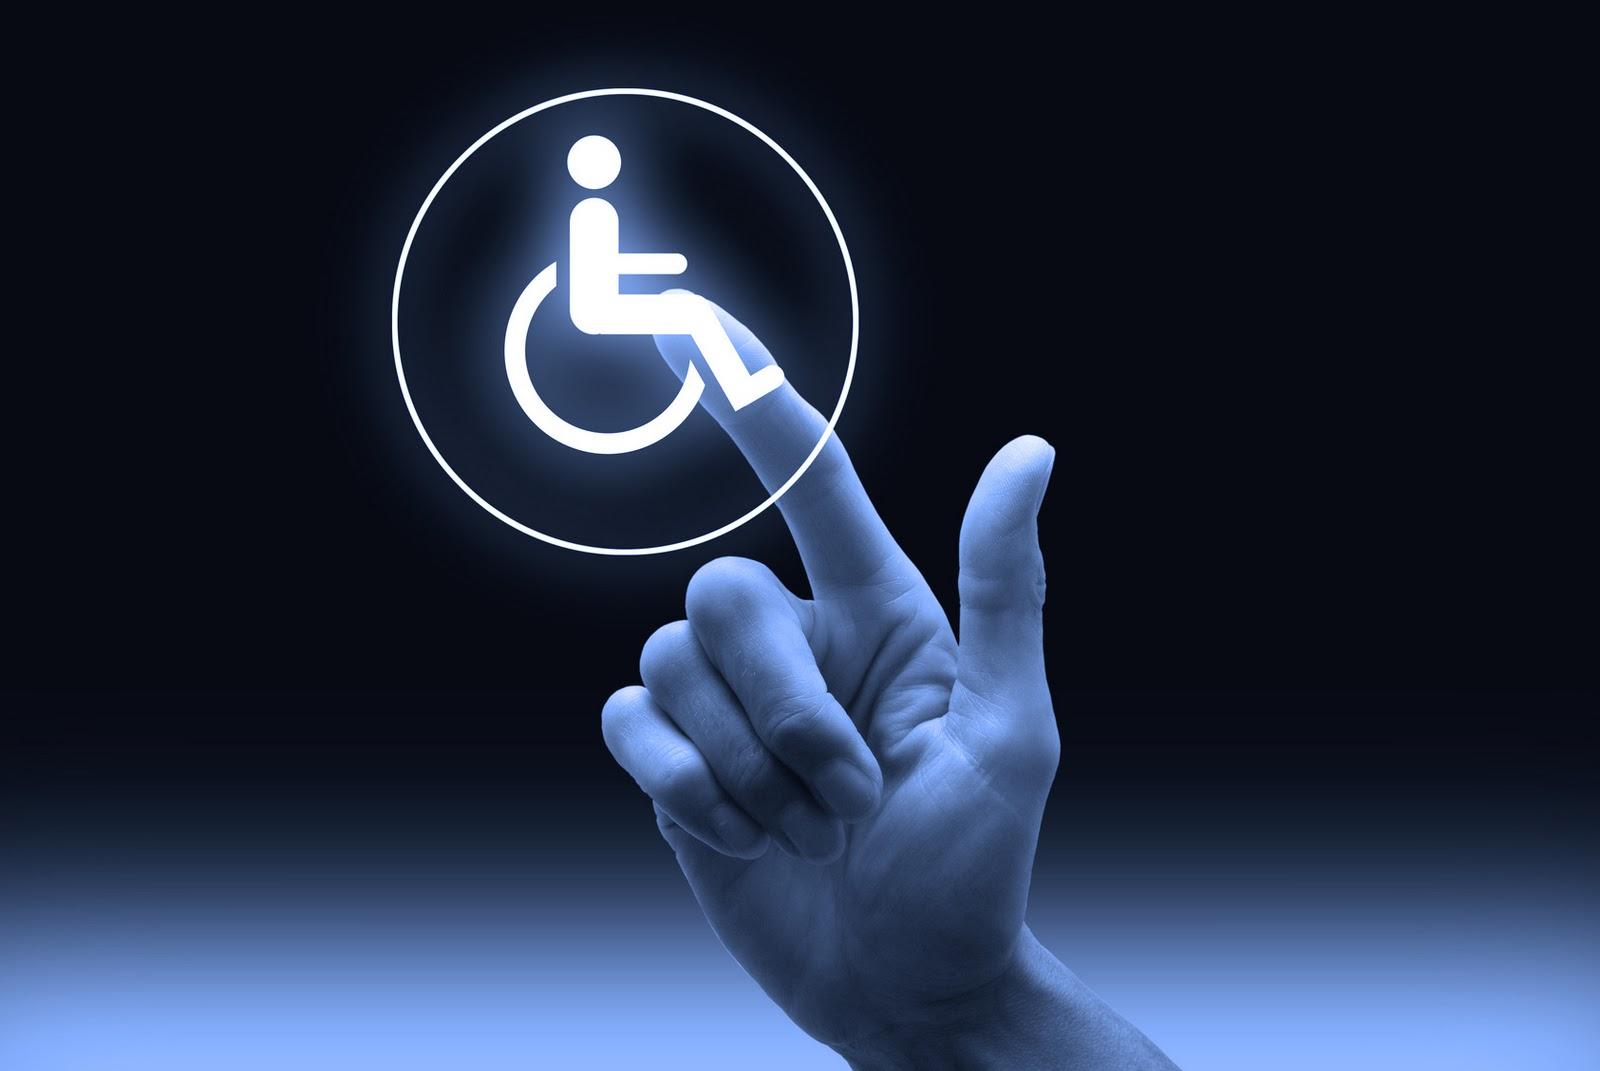 Про особливості подання інформації про вакансії для працевлаштування осіб з інвалідністю